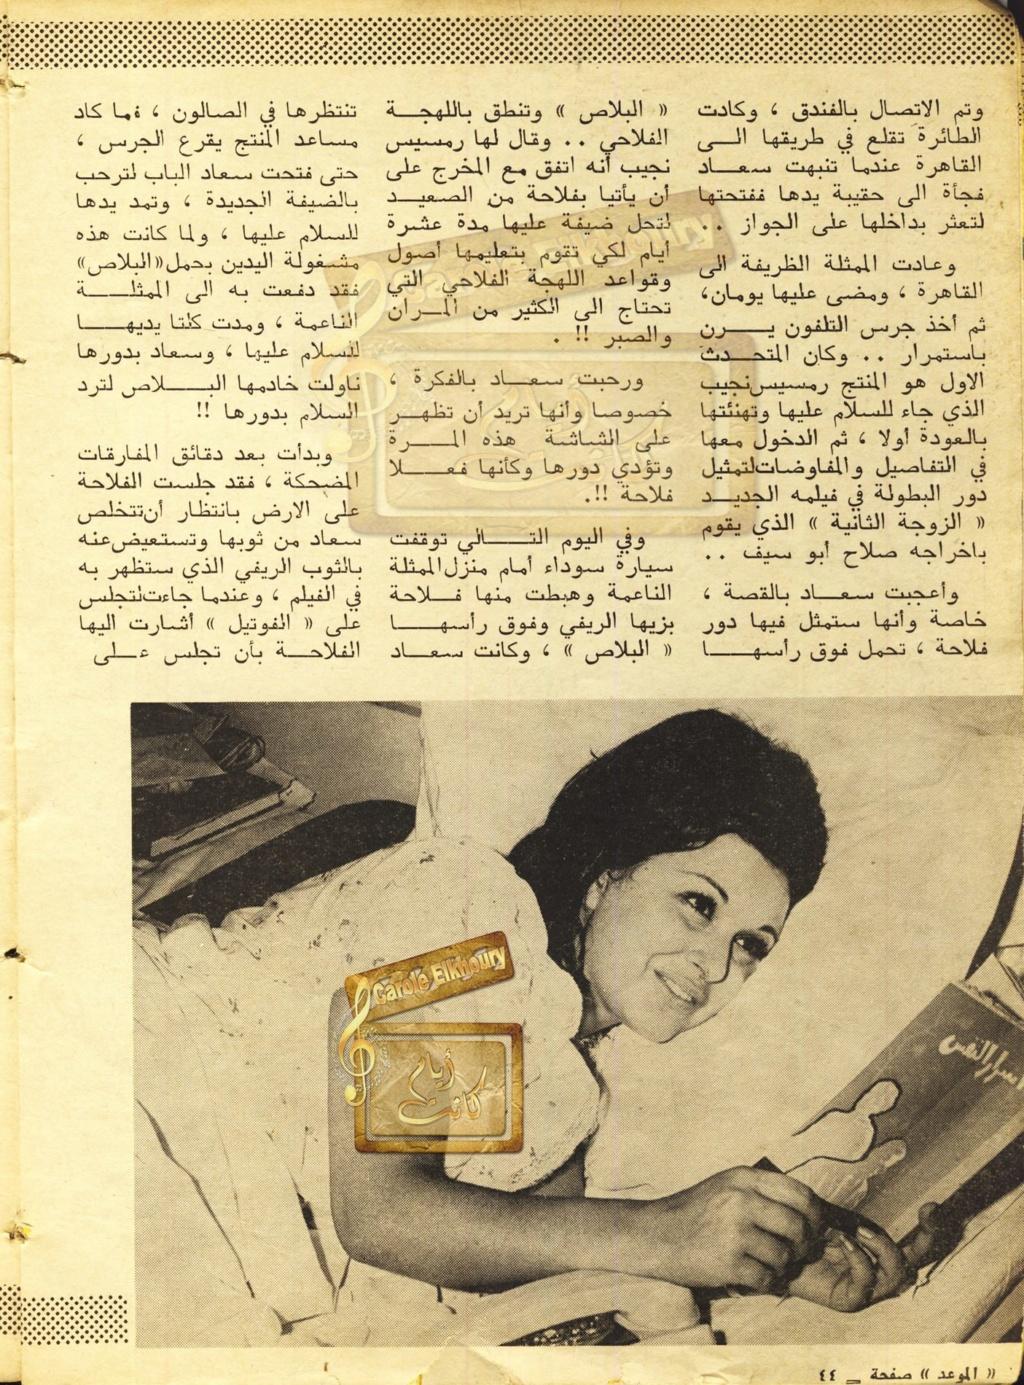 مقال صحفي : ماهو سر .. الفلاحة التي احتلت بيت سعاد حسني ؟ 1966 م 331